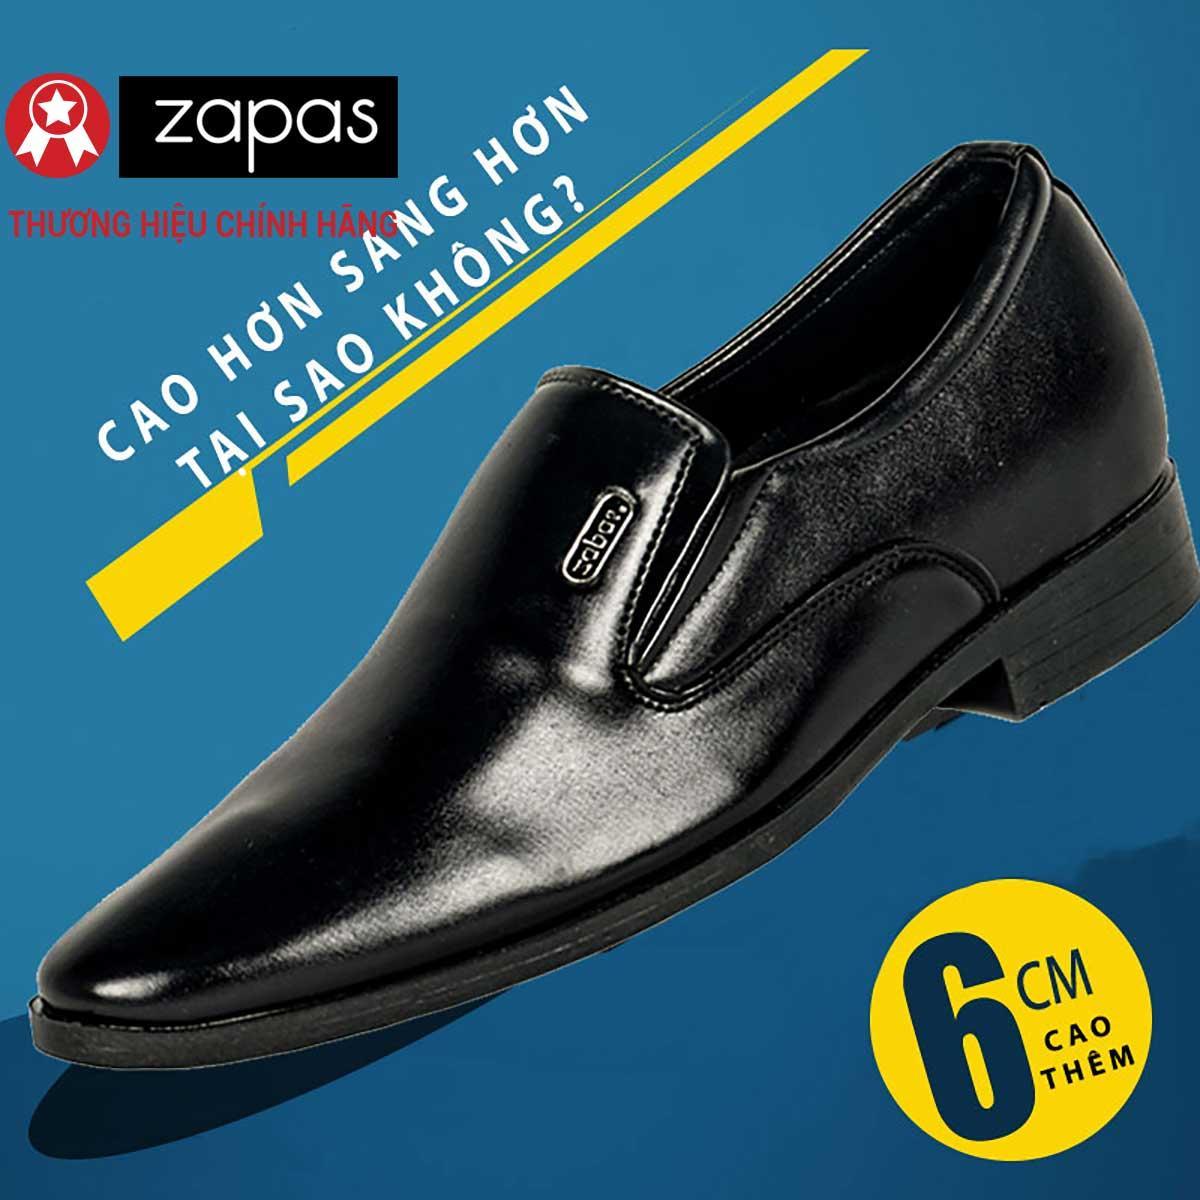 Giày Tây Tăng Chiều Cao 6 Cm Zapas Màu Đen Gh010